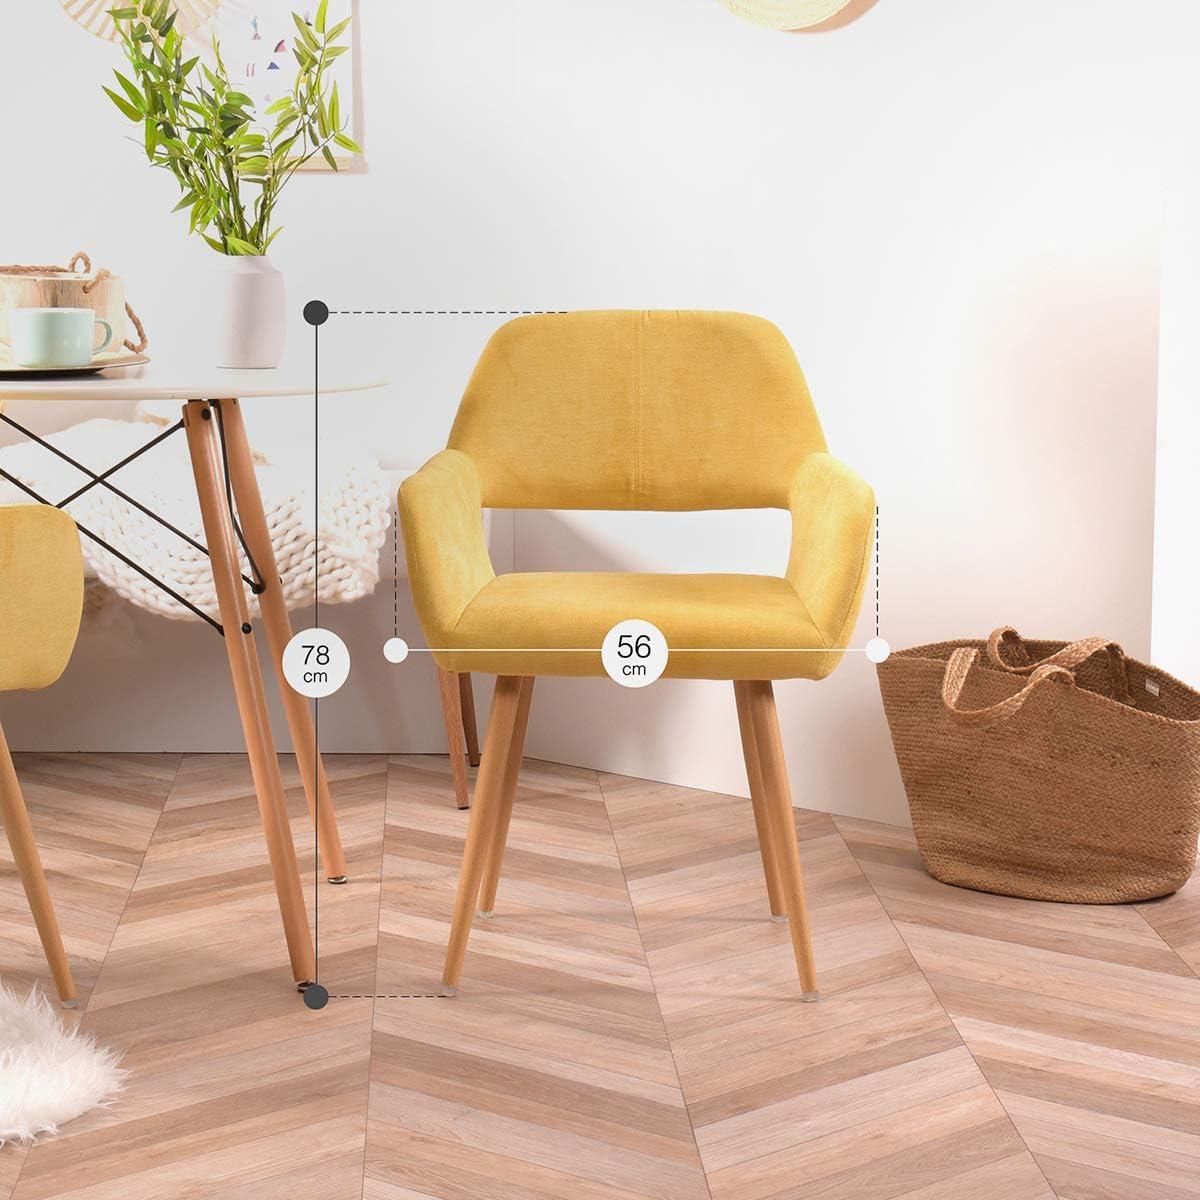 FURNISH1 Lot de 2 Fauteuil Chaise de Salle /à Manger Scandinave en Tissu Beige M/étal Look Bois Ch/êne Design Salon Bureau Chambre Chaise de Bureau Bureau /à Domicile Travail /à Distance